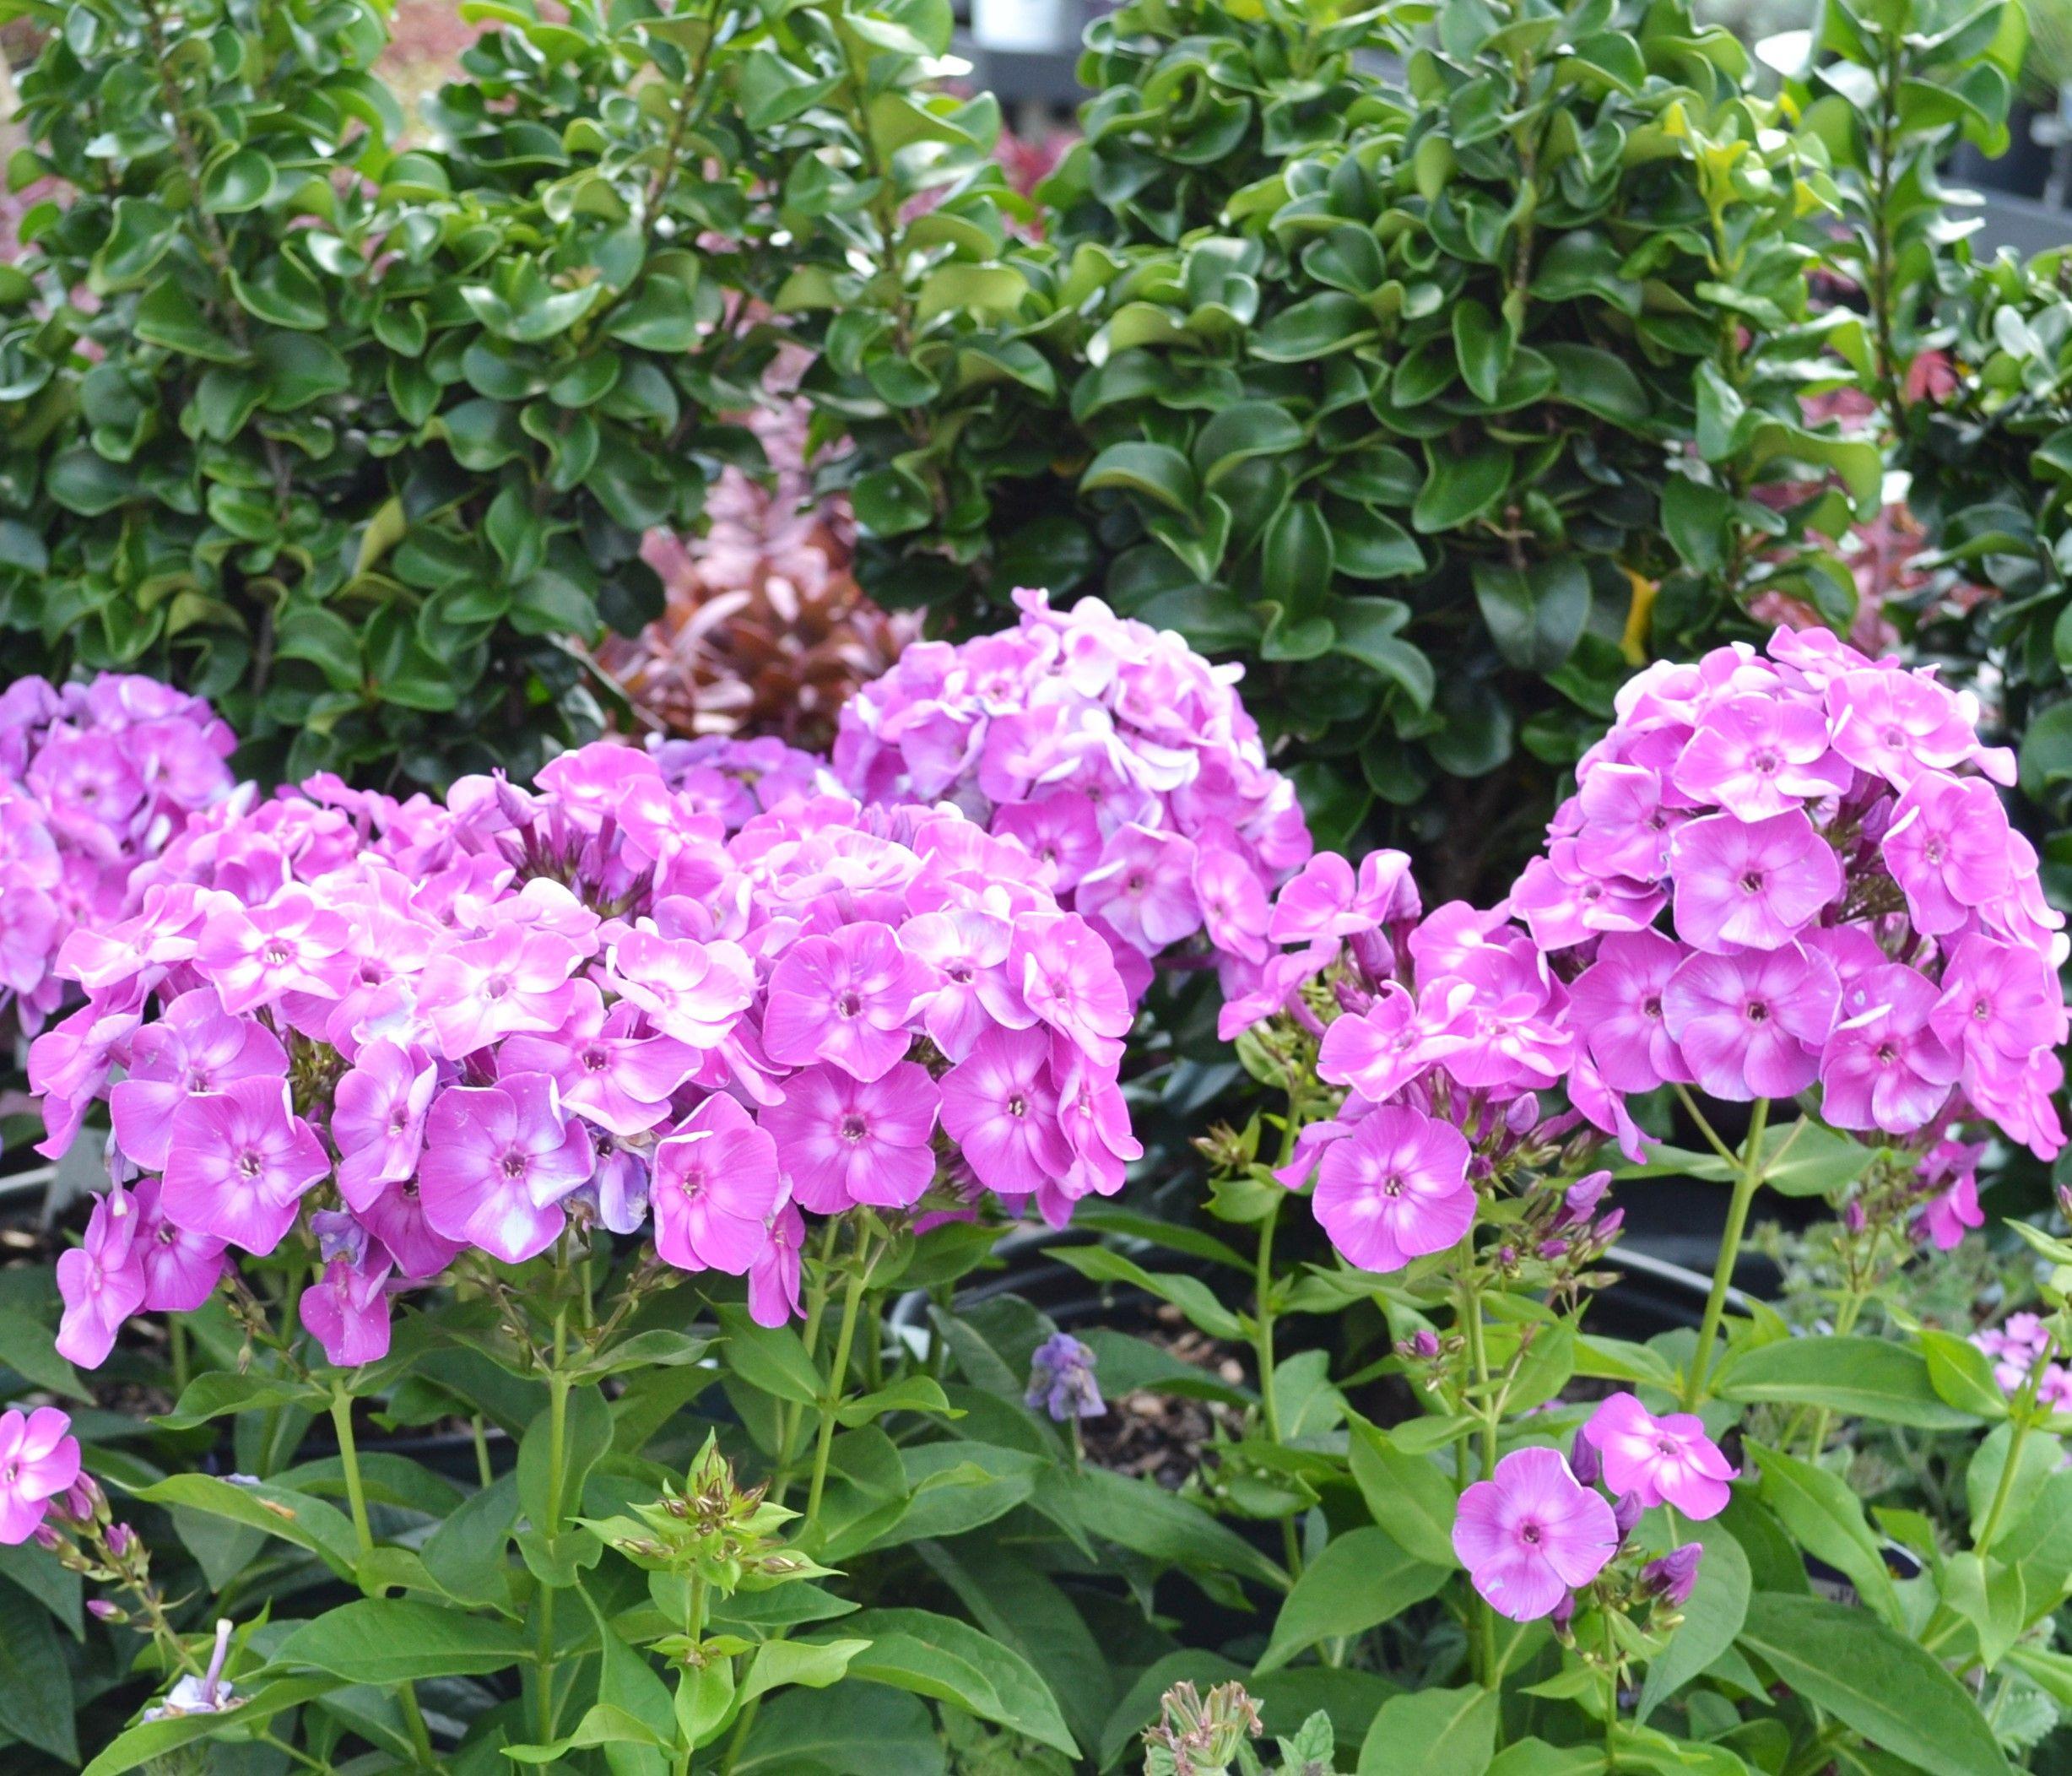 garden flame forest haiku tree img purple summer rain flowers golden failing phlox at tall